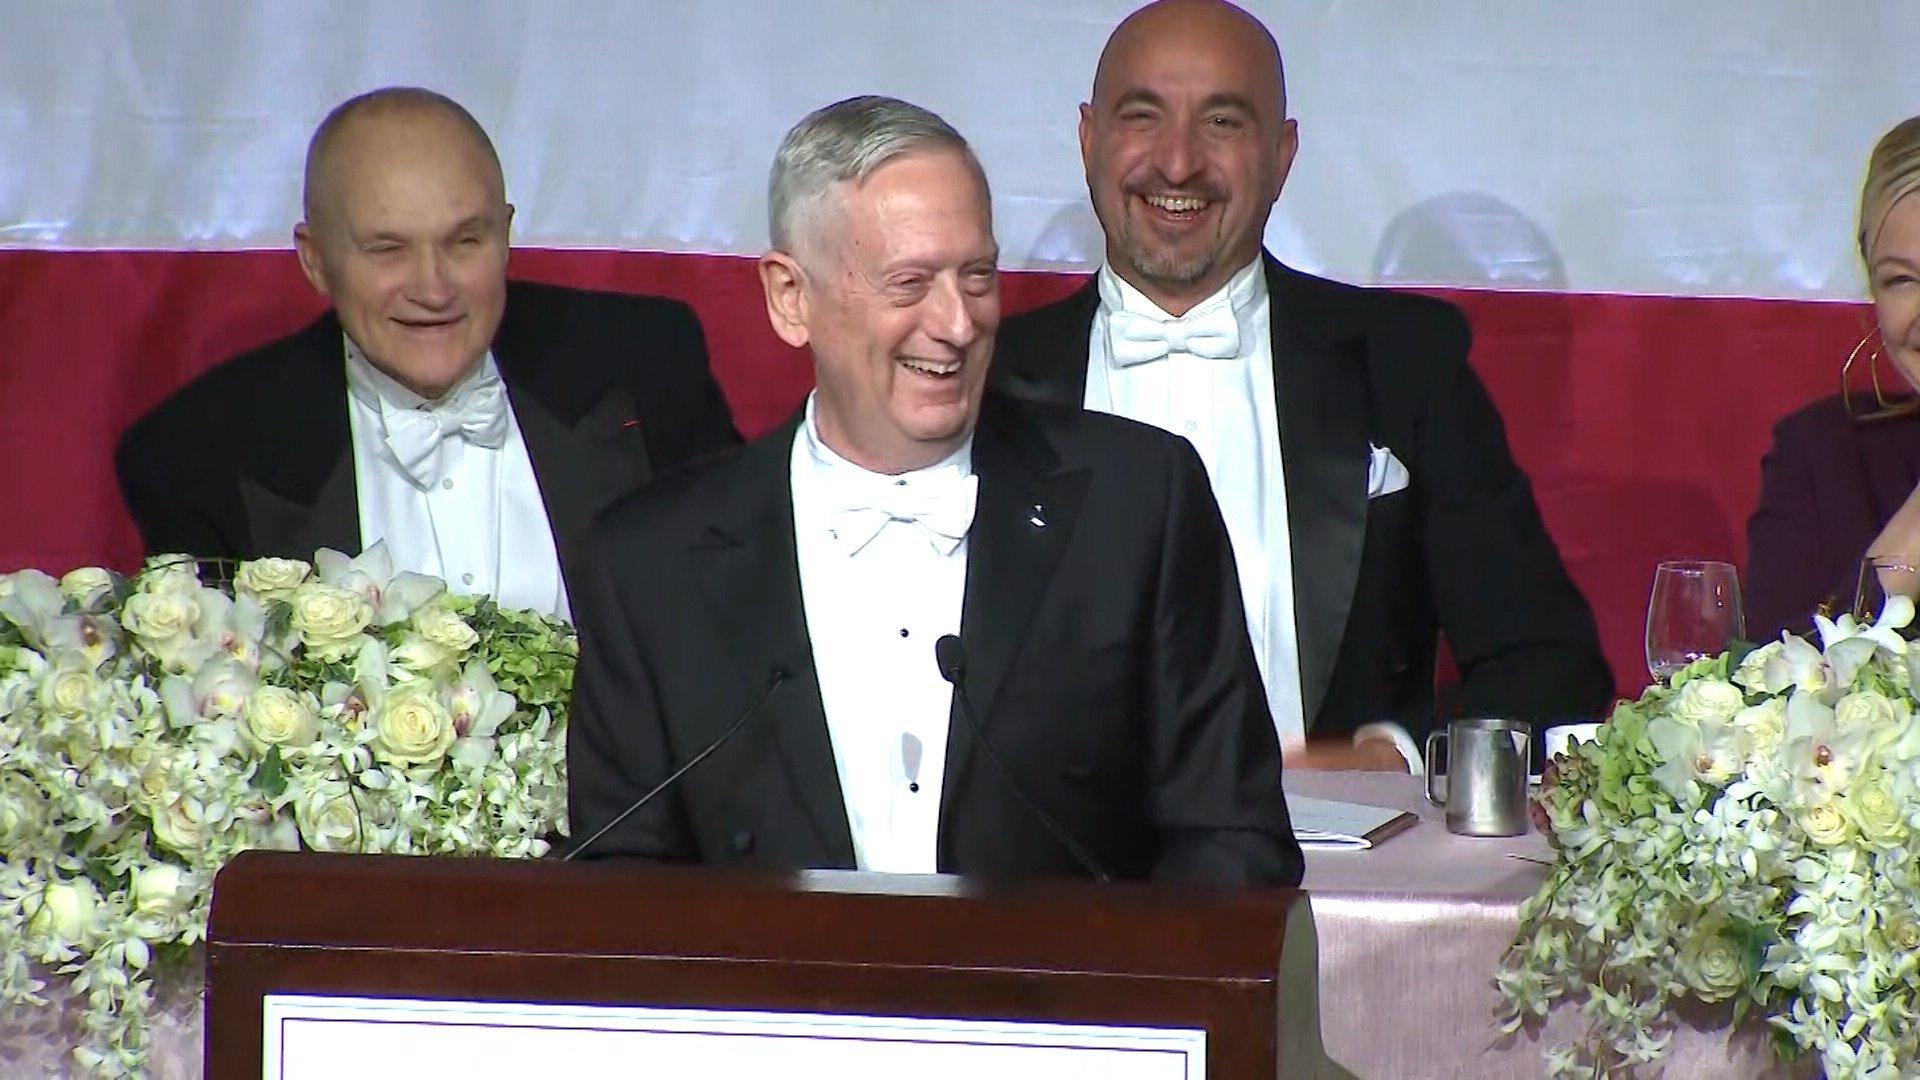 Mattis laughs off Trump criticism: 'I guess I'm the Meryl Streep of generals'